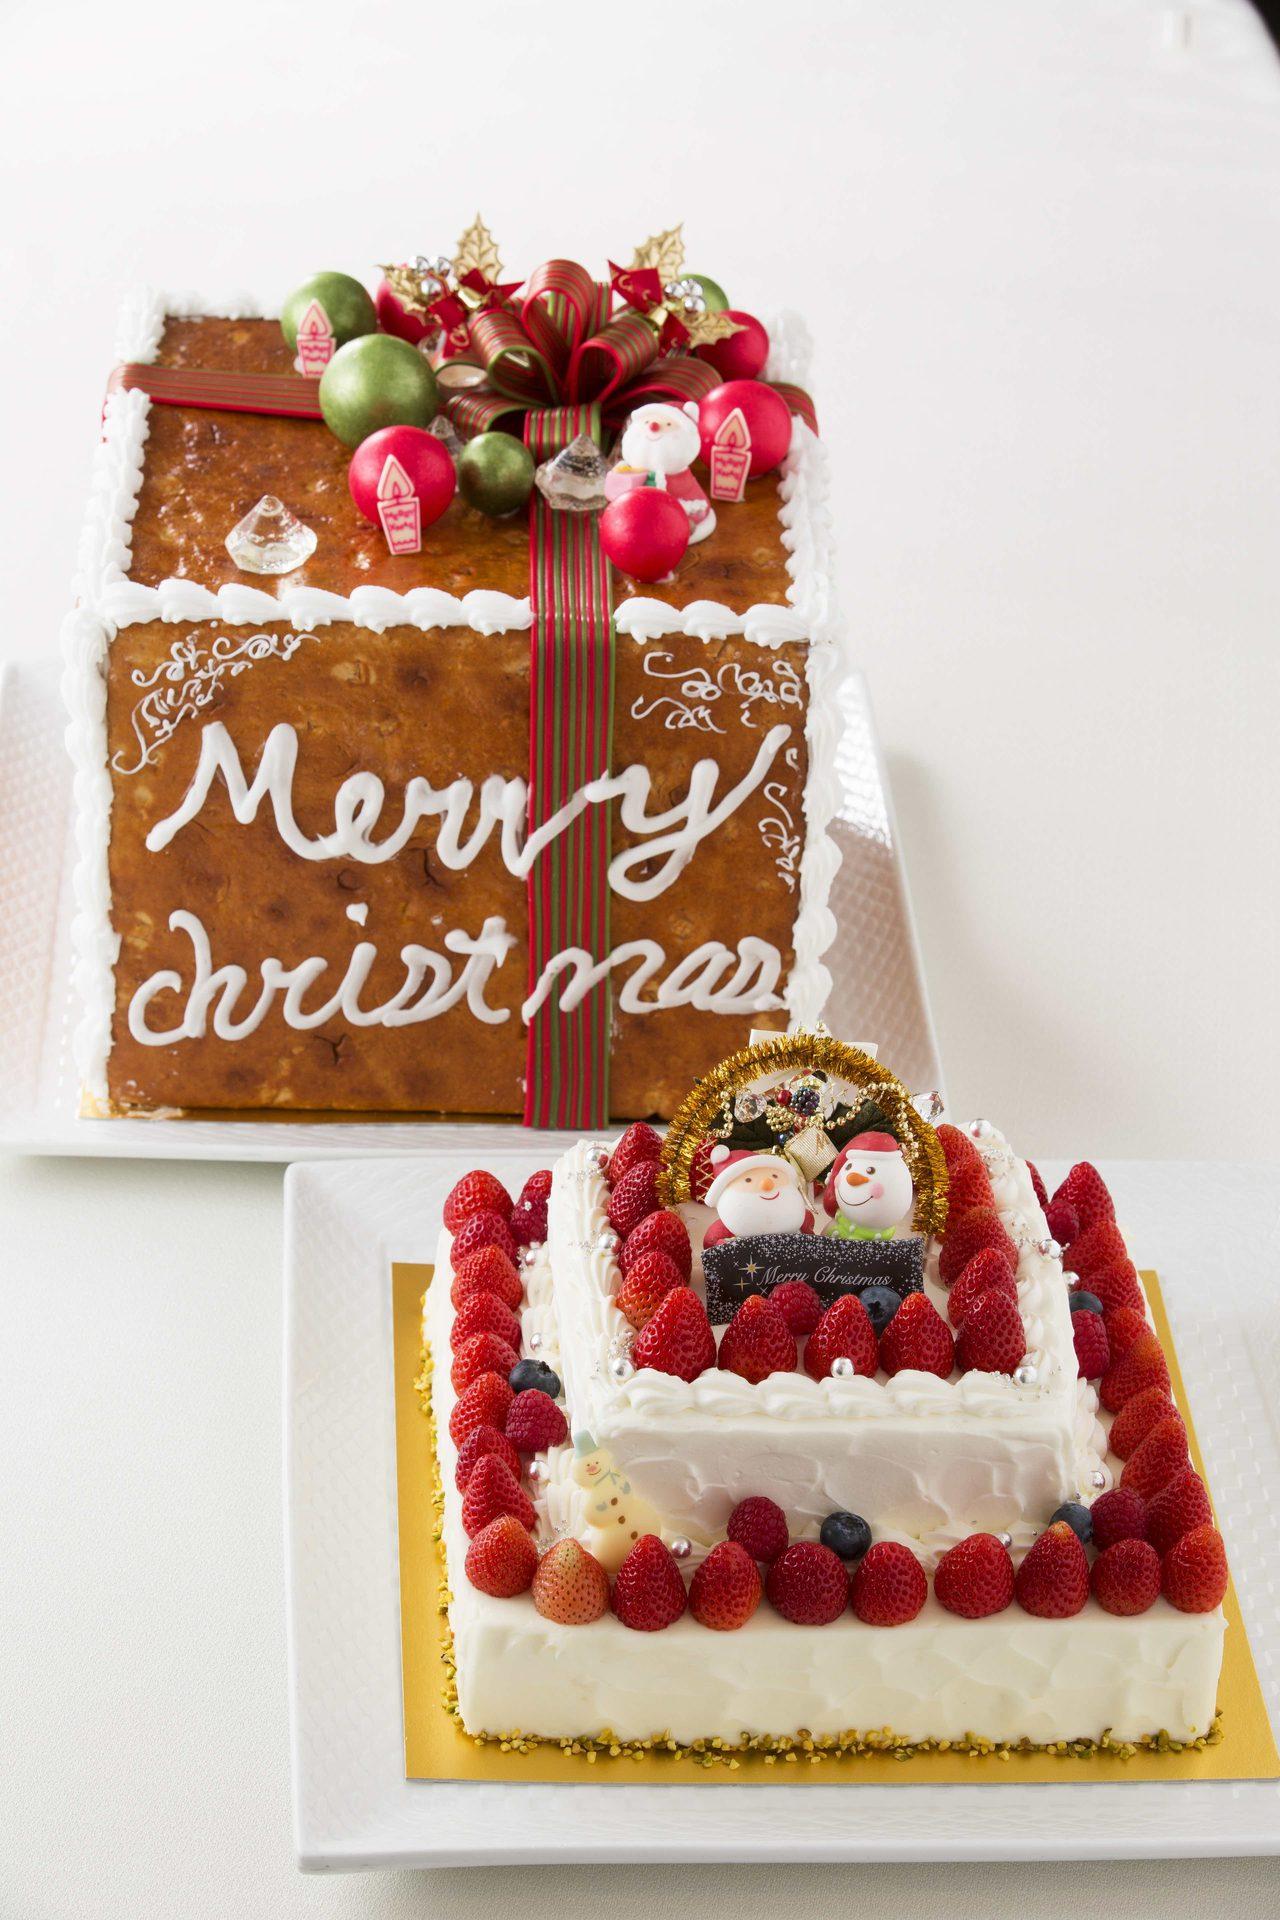 画像: クリスマス ギフト (限定 10 個) ¥30,000 ショートケーキ 22cm×22cm 高さ 8cm クッキーボックス 27cm×27cm 高さ 11cm 特別なクリスマスを彩るケーキをご用意いたしました。クッキー生地のプレゼントボックスから出てくるサプライズはお楽しみ。